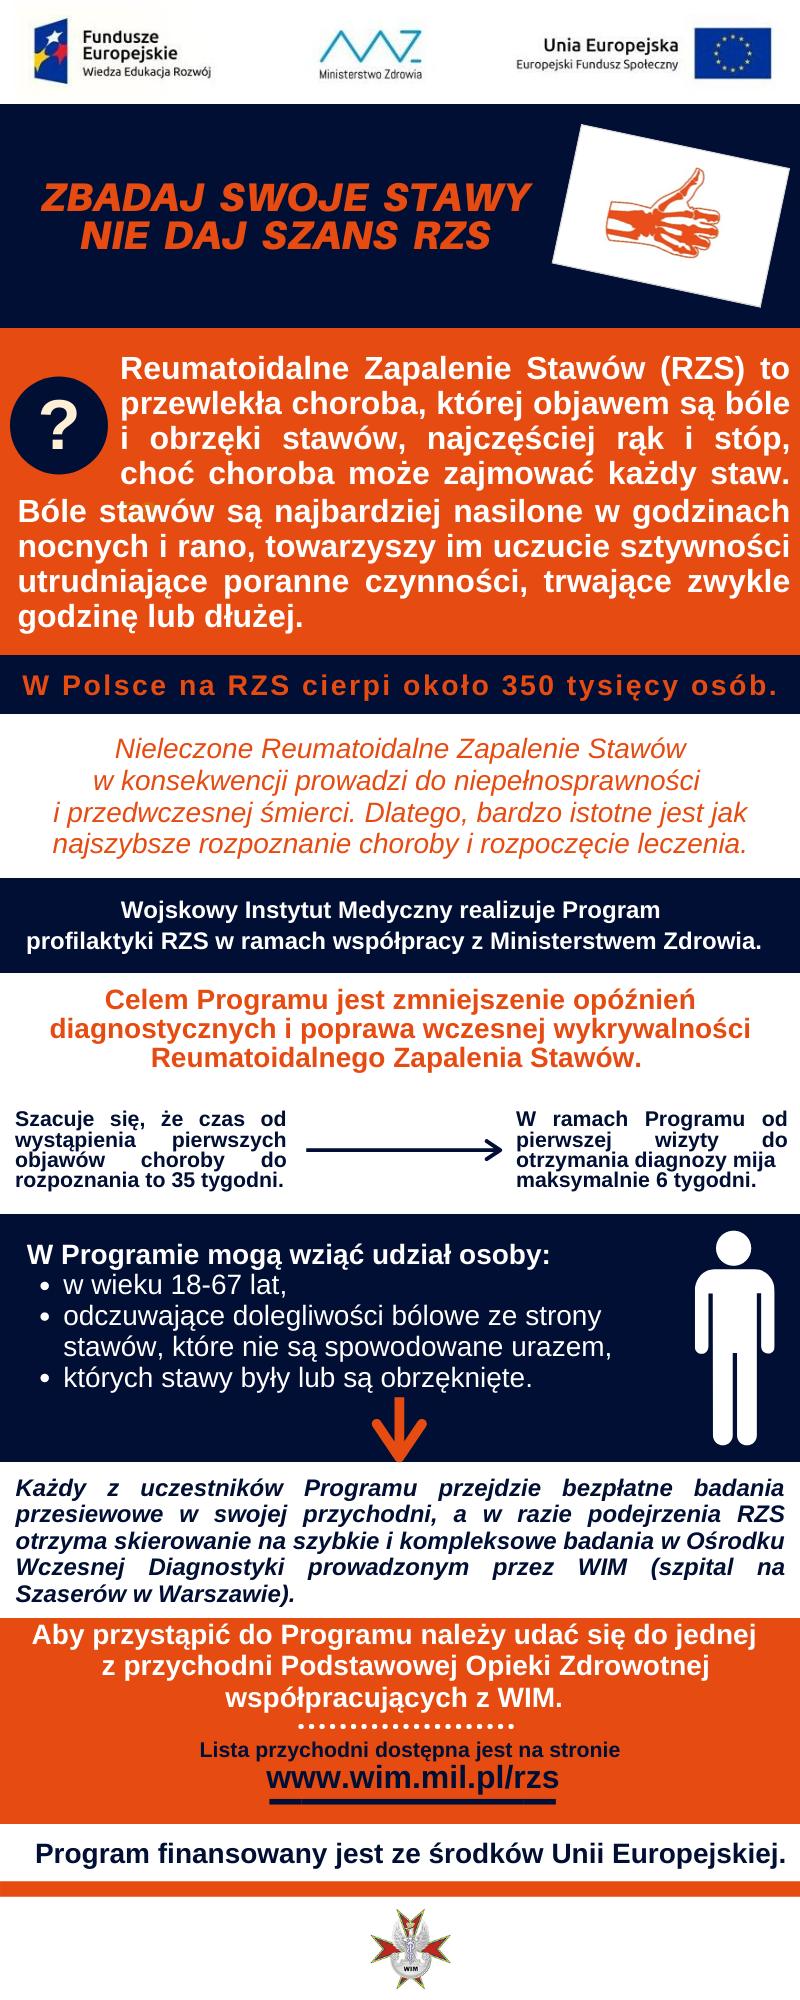 remautoidalne zapalenie stawów badania profilaktyczne